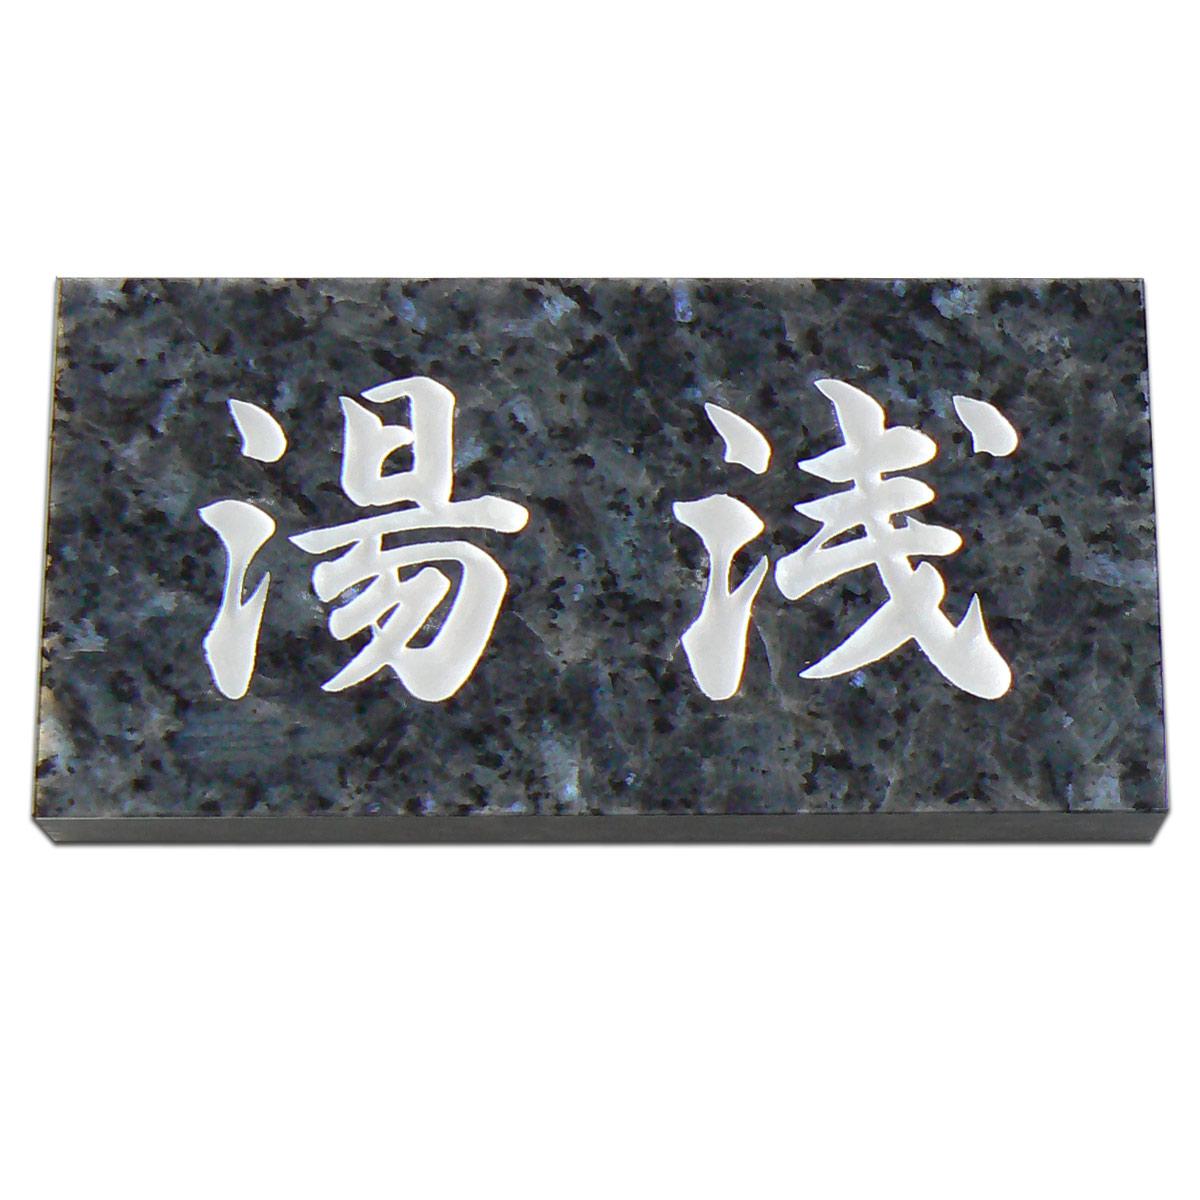 天然石スタンダード シンプルな石の表札ブルーパール 【送料無料】